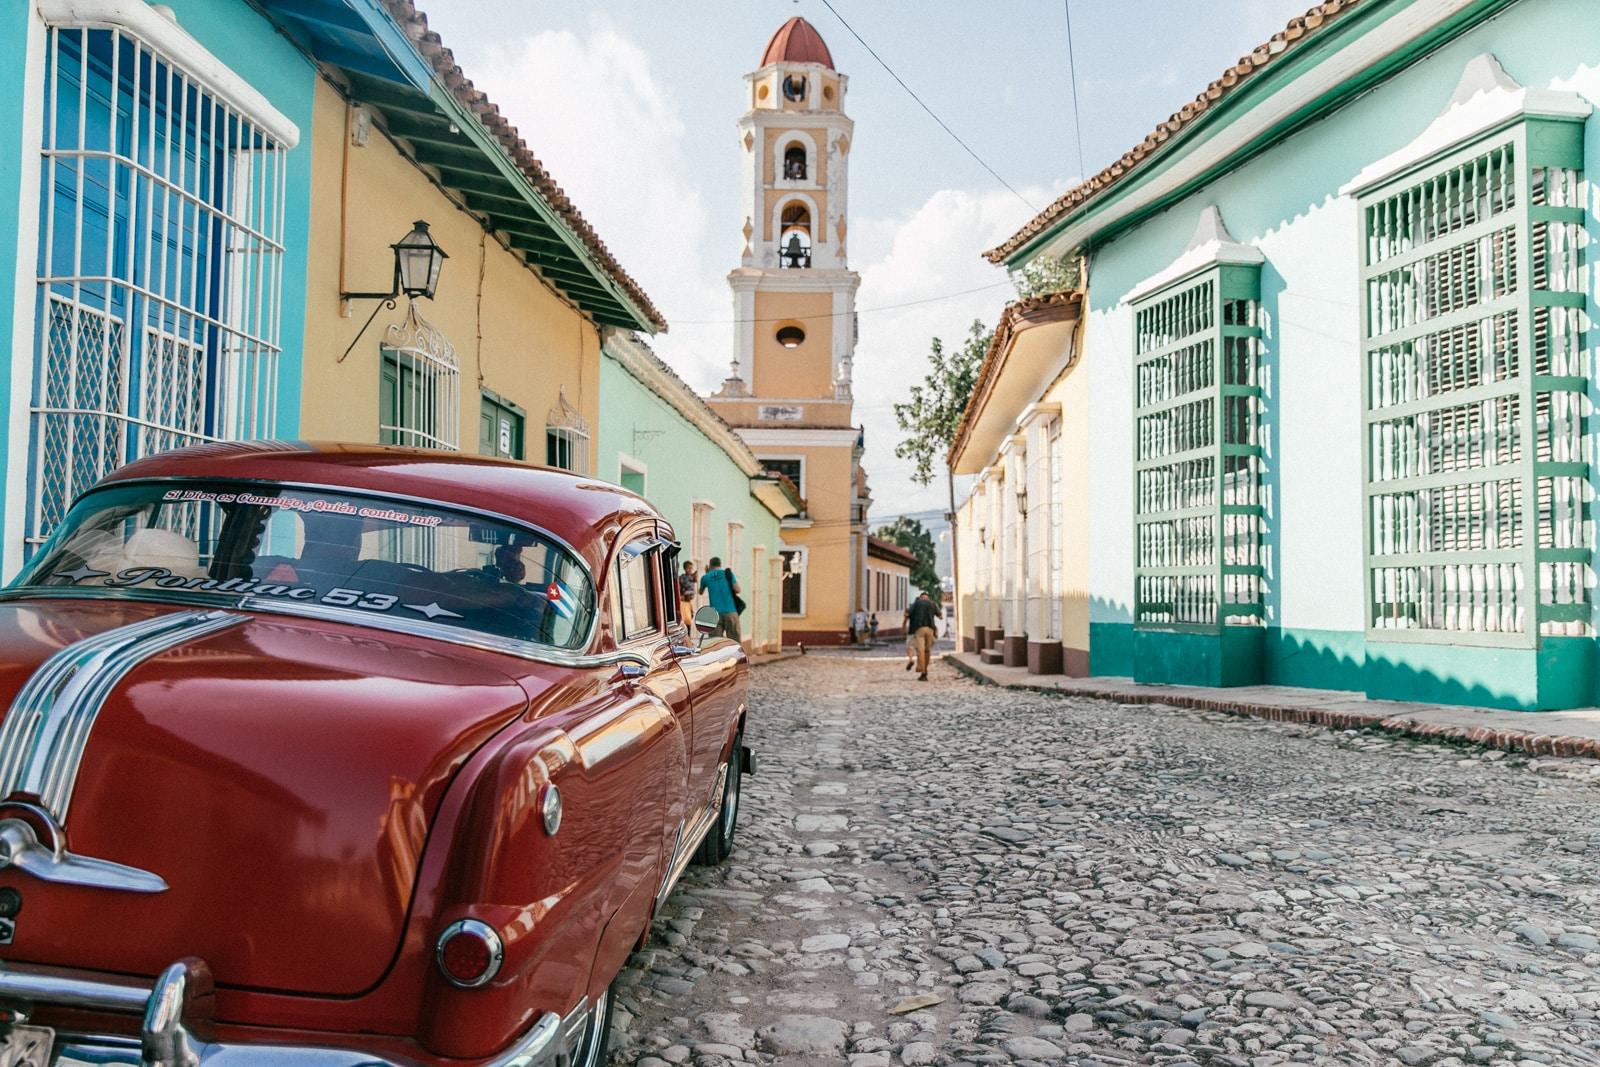 Trinidad blog voyage